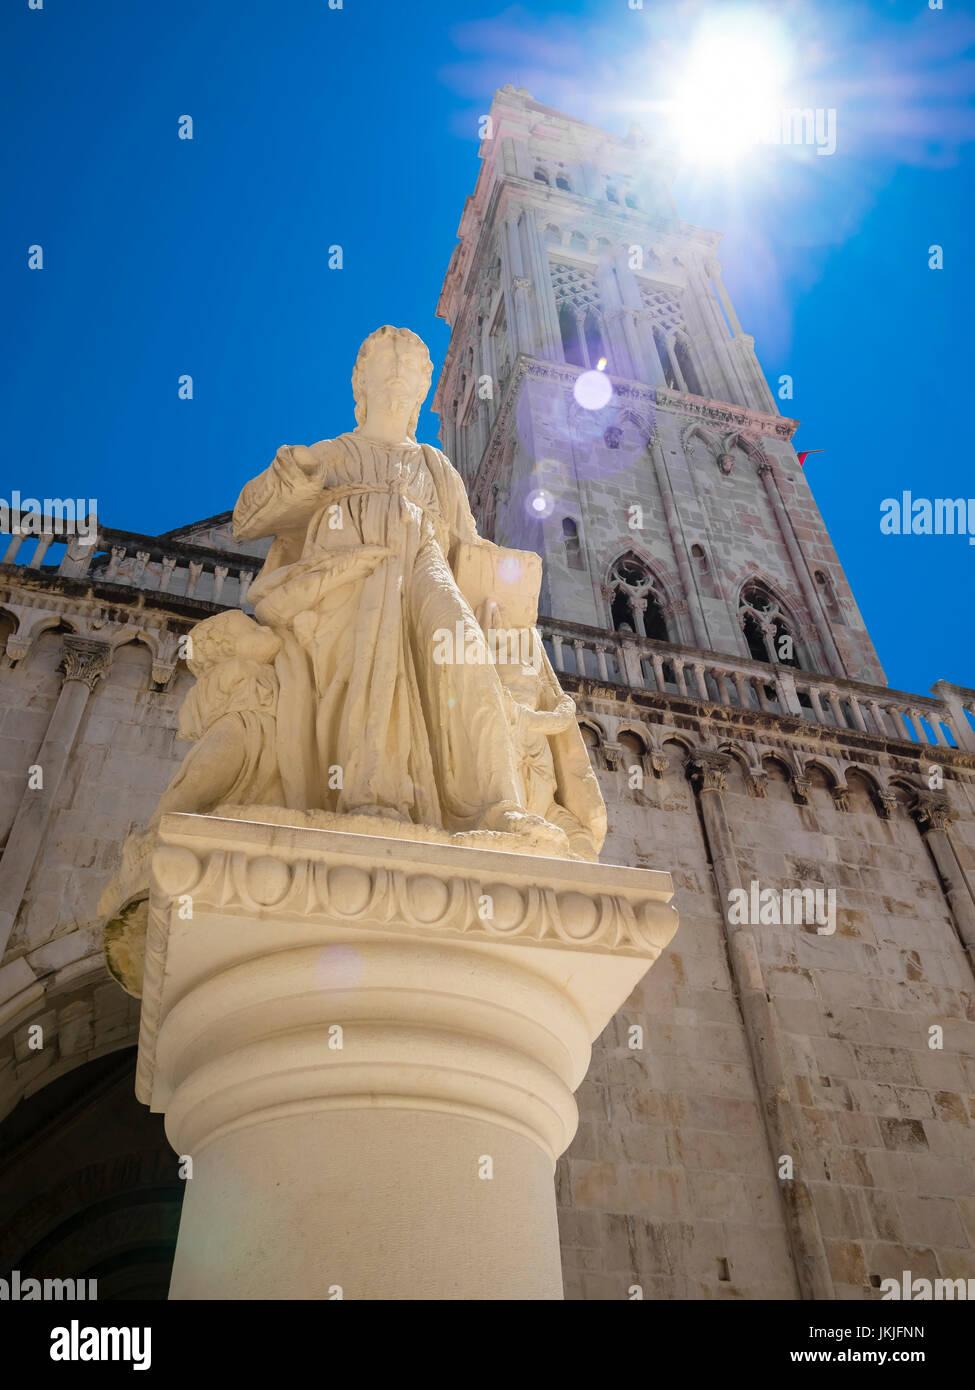 Kroatien, Adriaküste, Dalmatien, Region Split, Altstadt Trogir, UNESCO Weltkulturerbe, Kathedrale Sveti Lovro - Stock Image